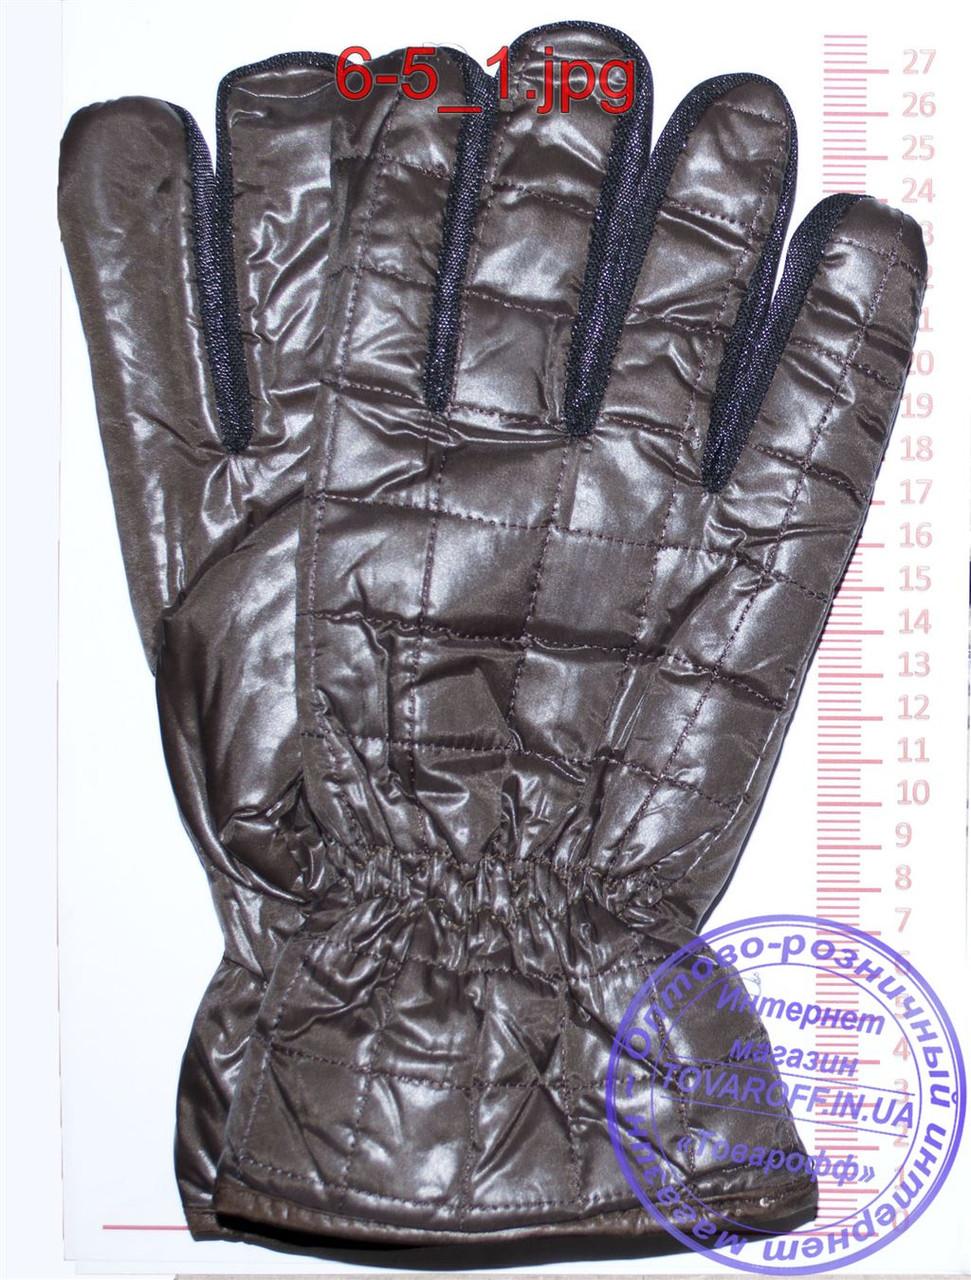 Мужские болоневые перчатки - Черные, серые, коричневые - №6-5